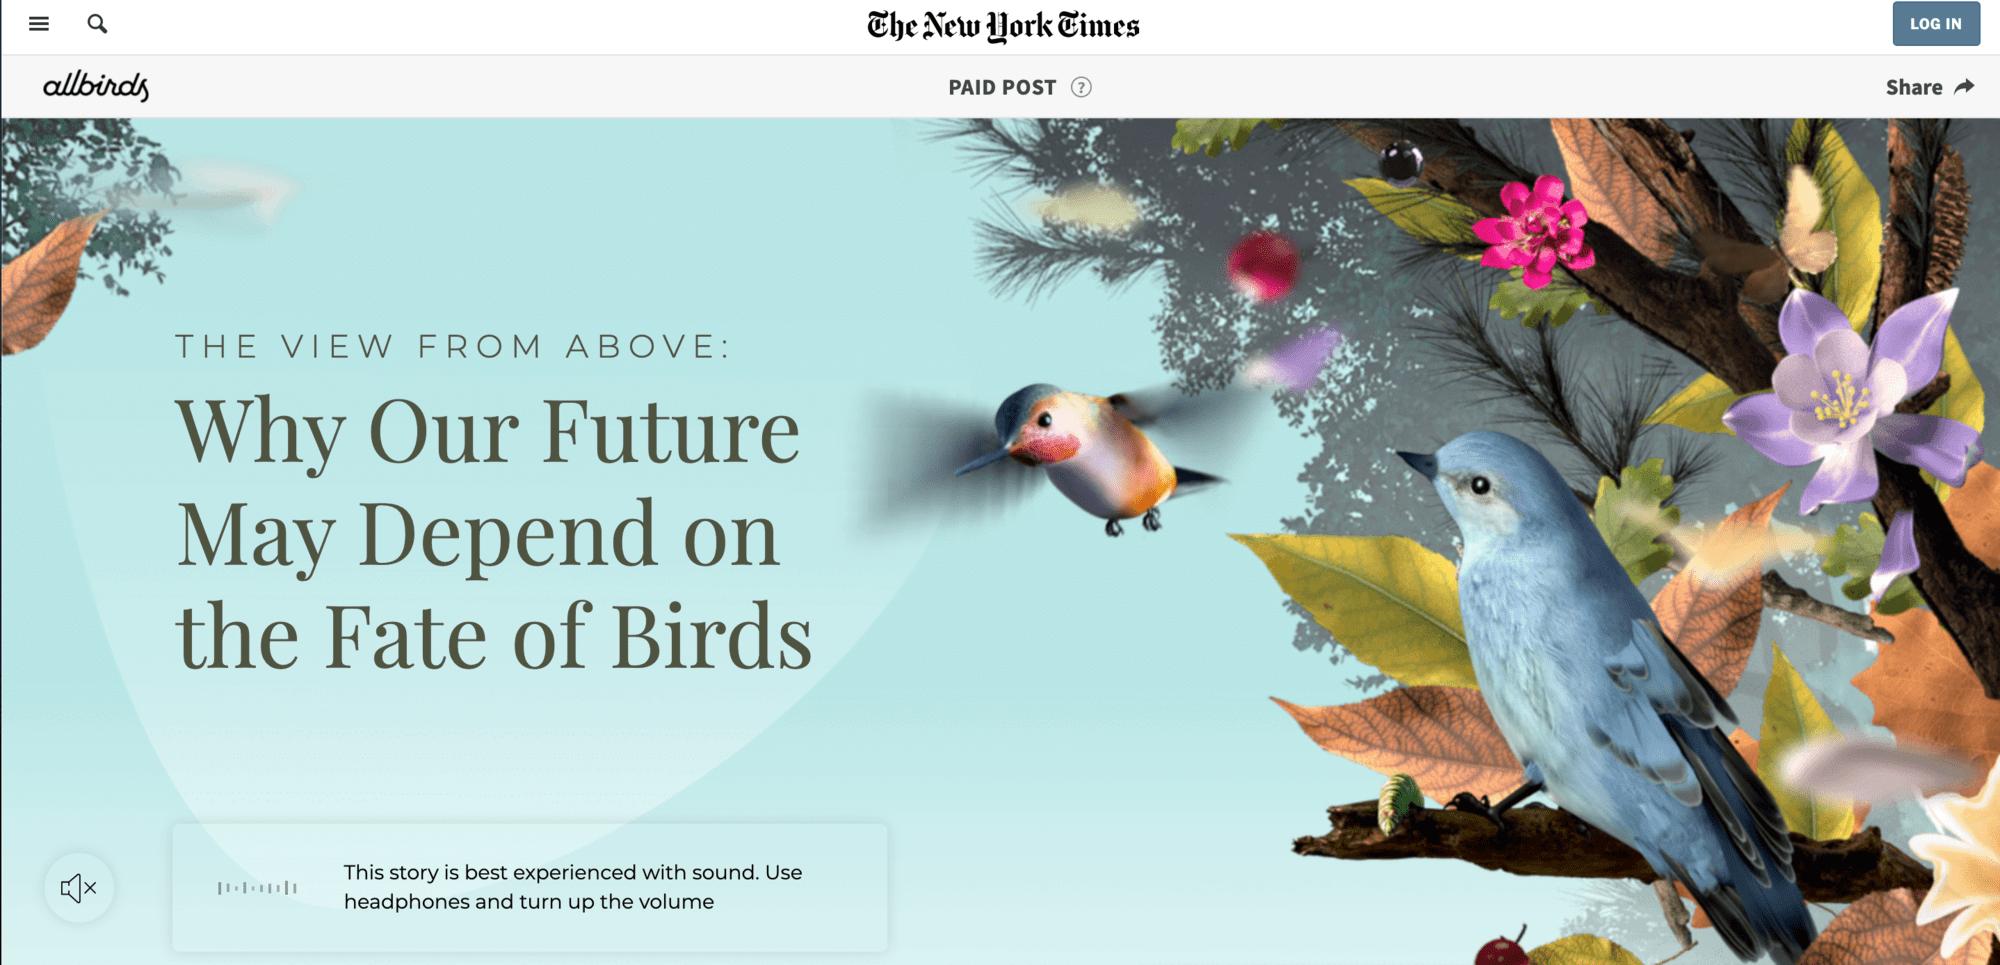 Die besten interaktiven Inhalte: Allbirds